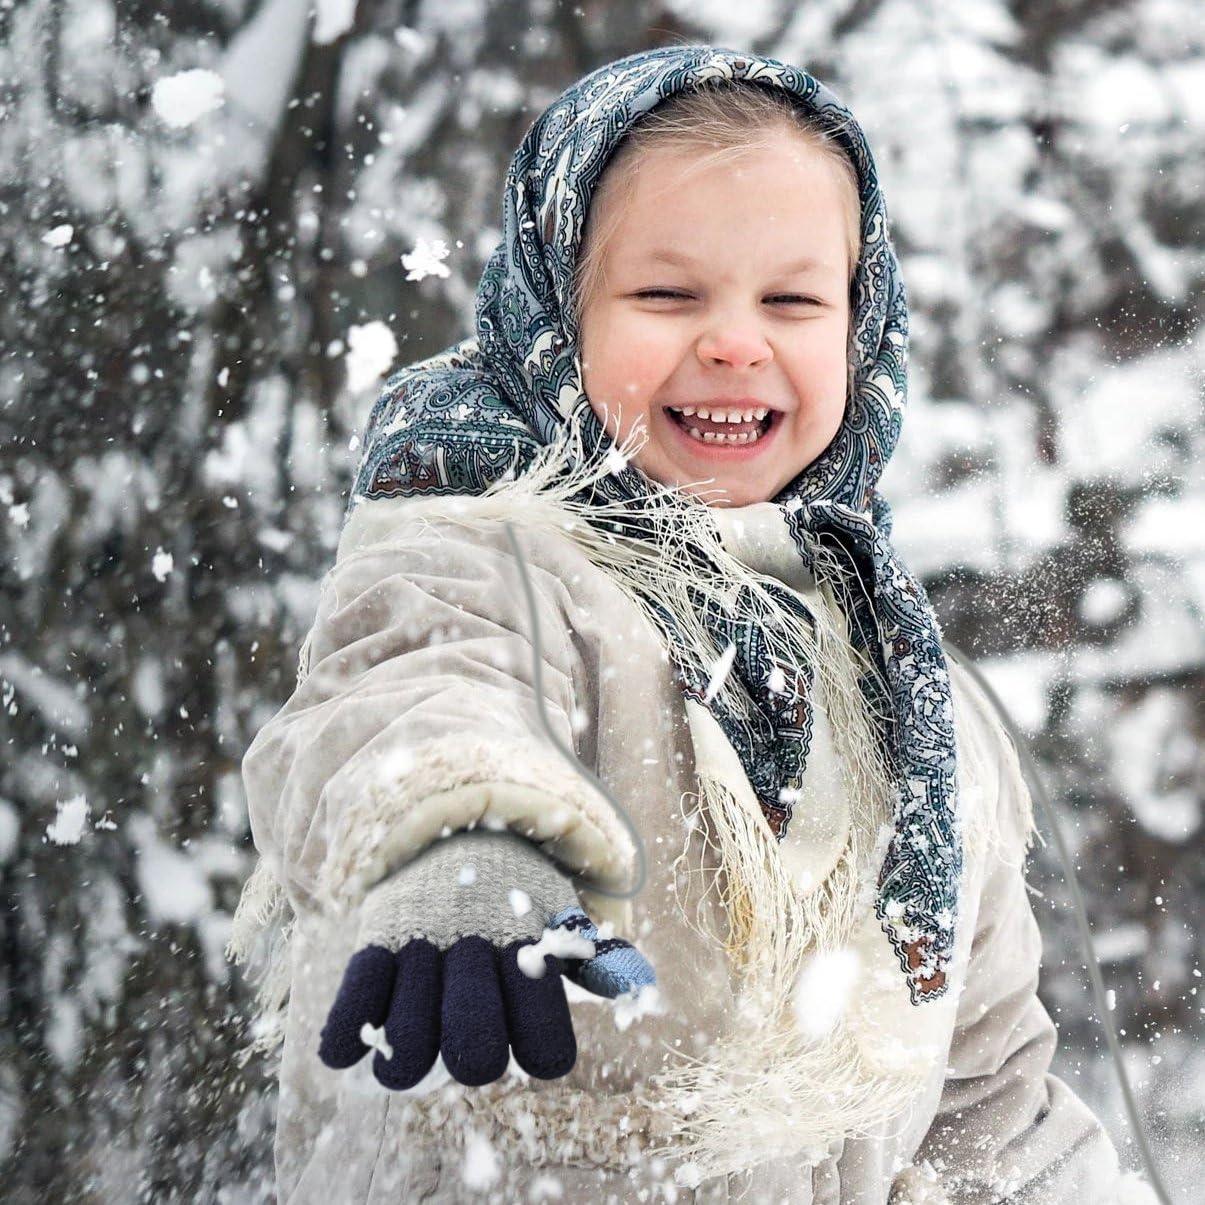 VBIGER Winterm/ütze Strickm/ütze Warme Beanie Winter M/ütze und Schal mit Fleecefutter f/ür Damen und Herren